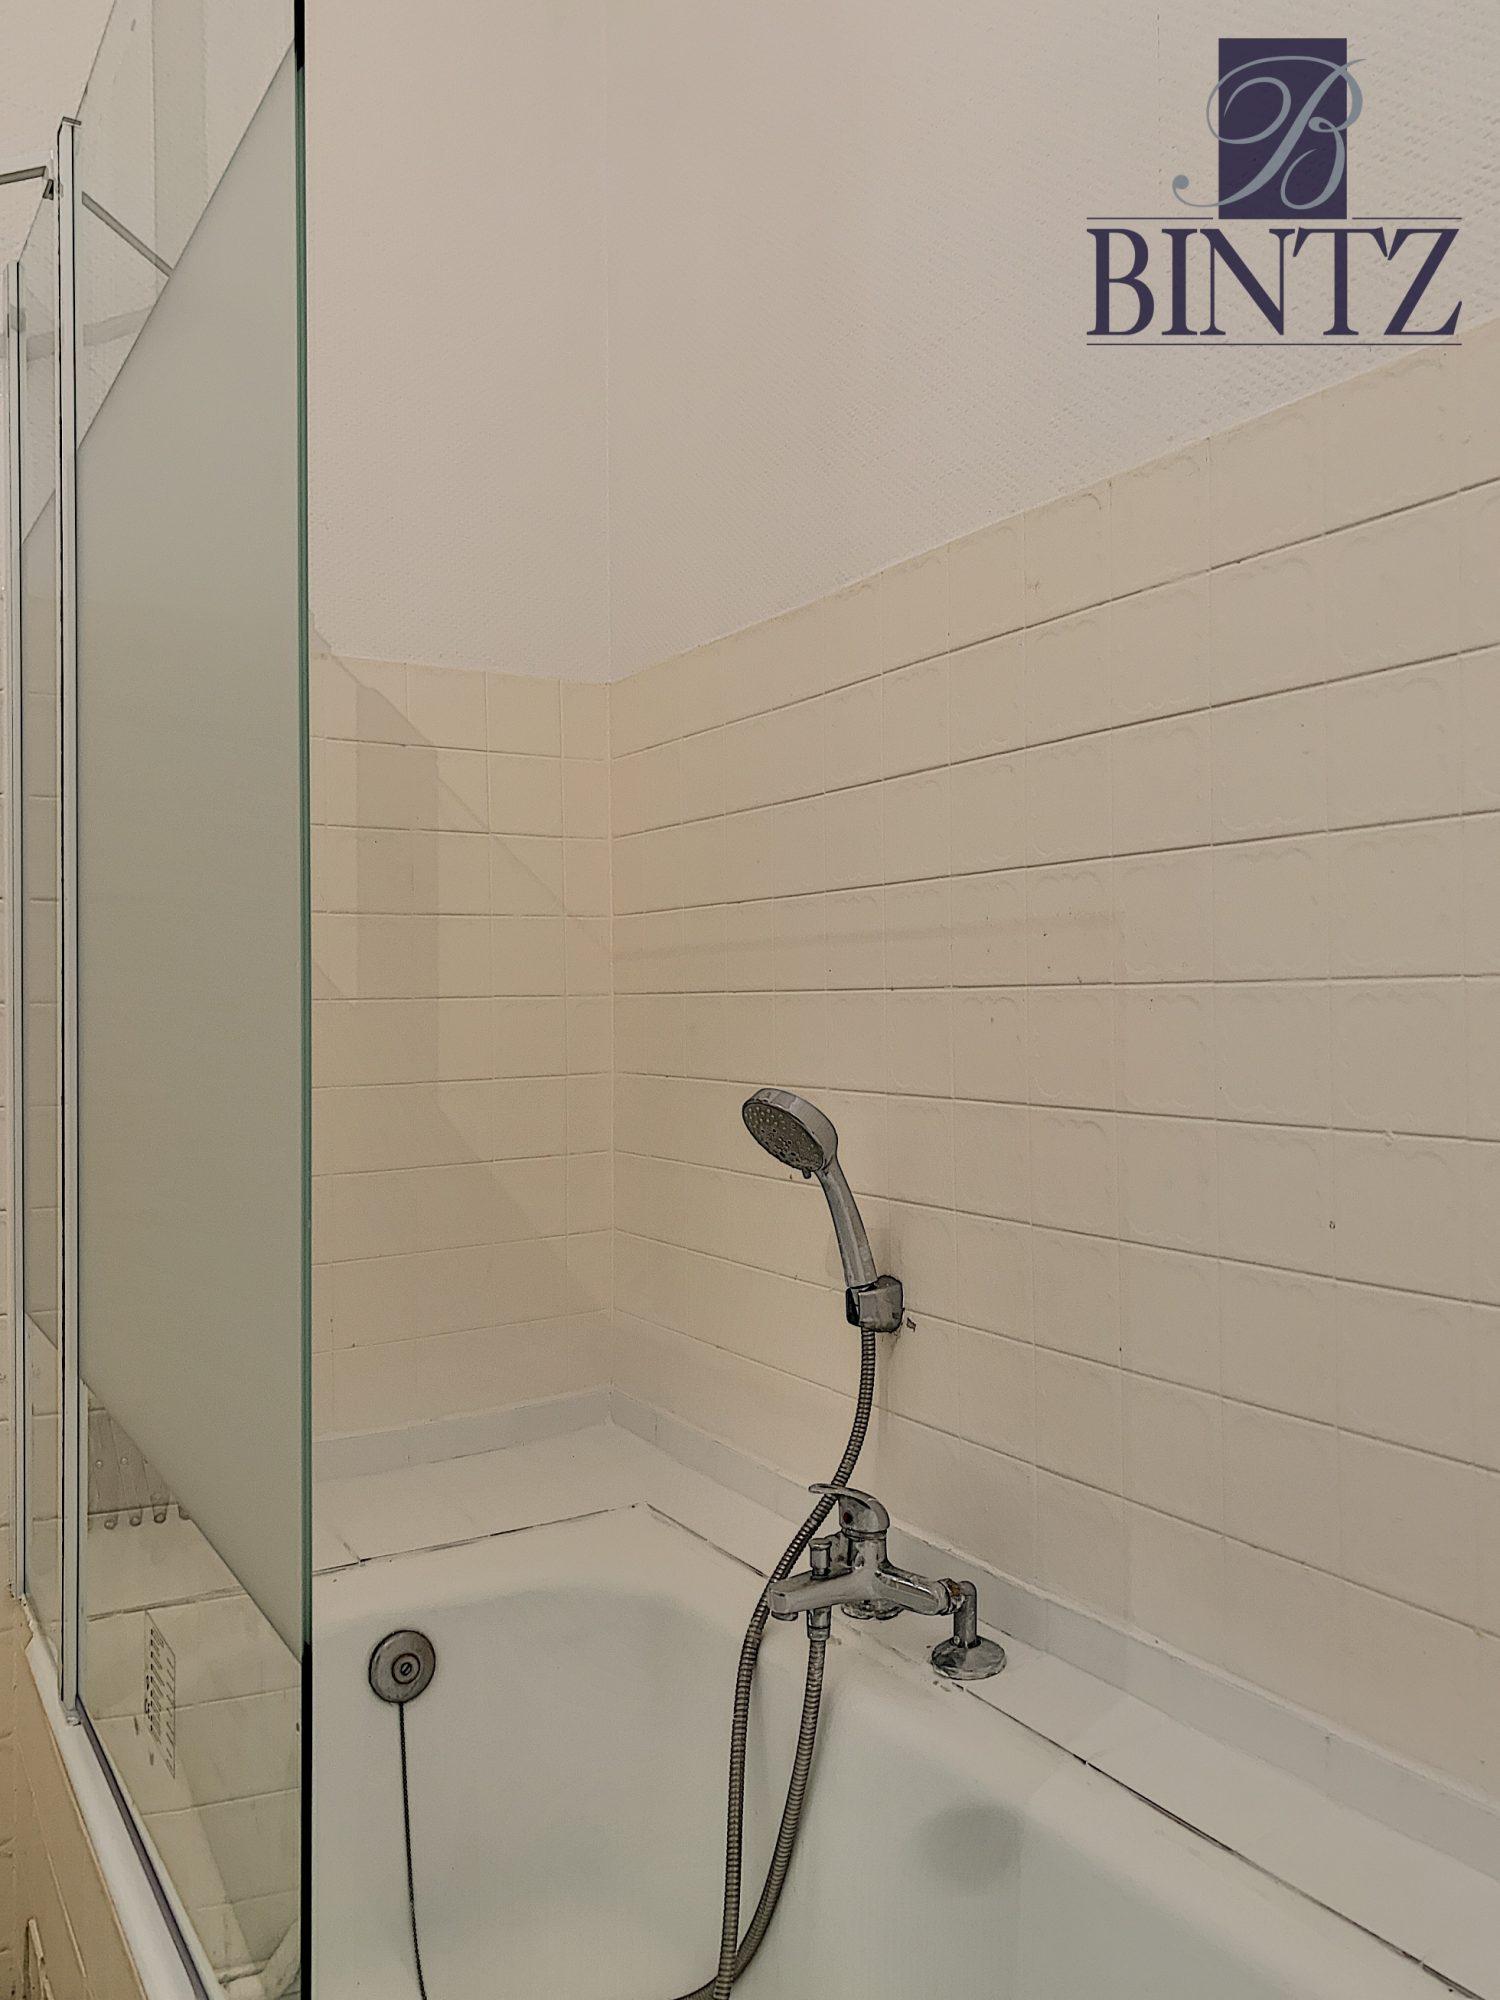 2 PIÈCES RUE DE ZURICH - Devenez locataire en toute sérénité - Bintz Immobilier - 10